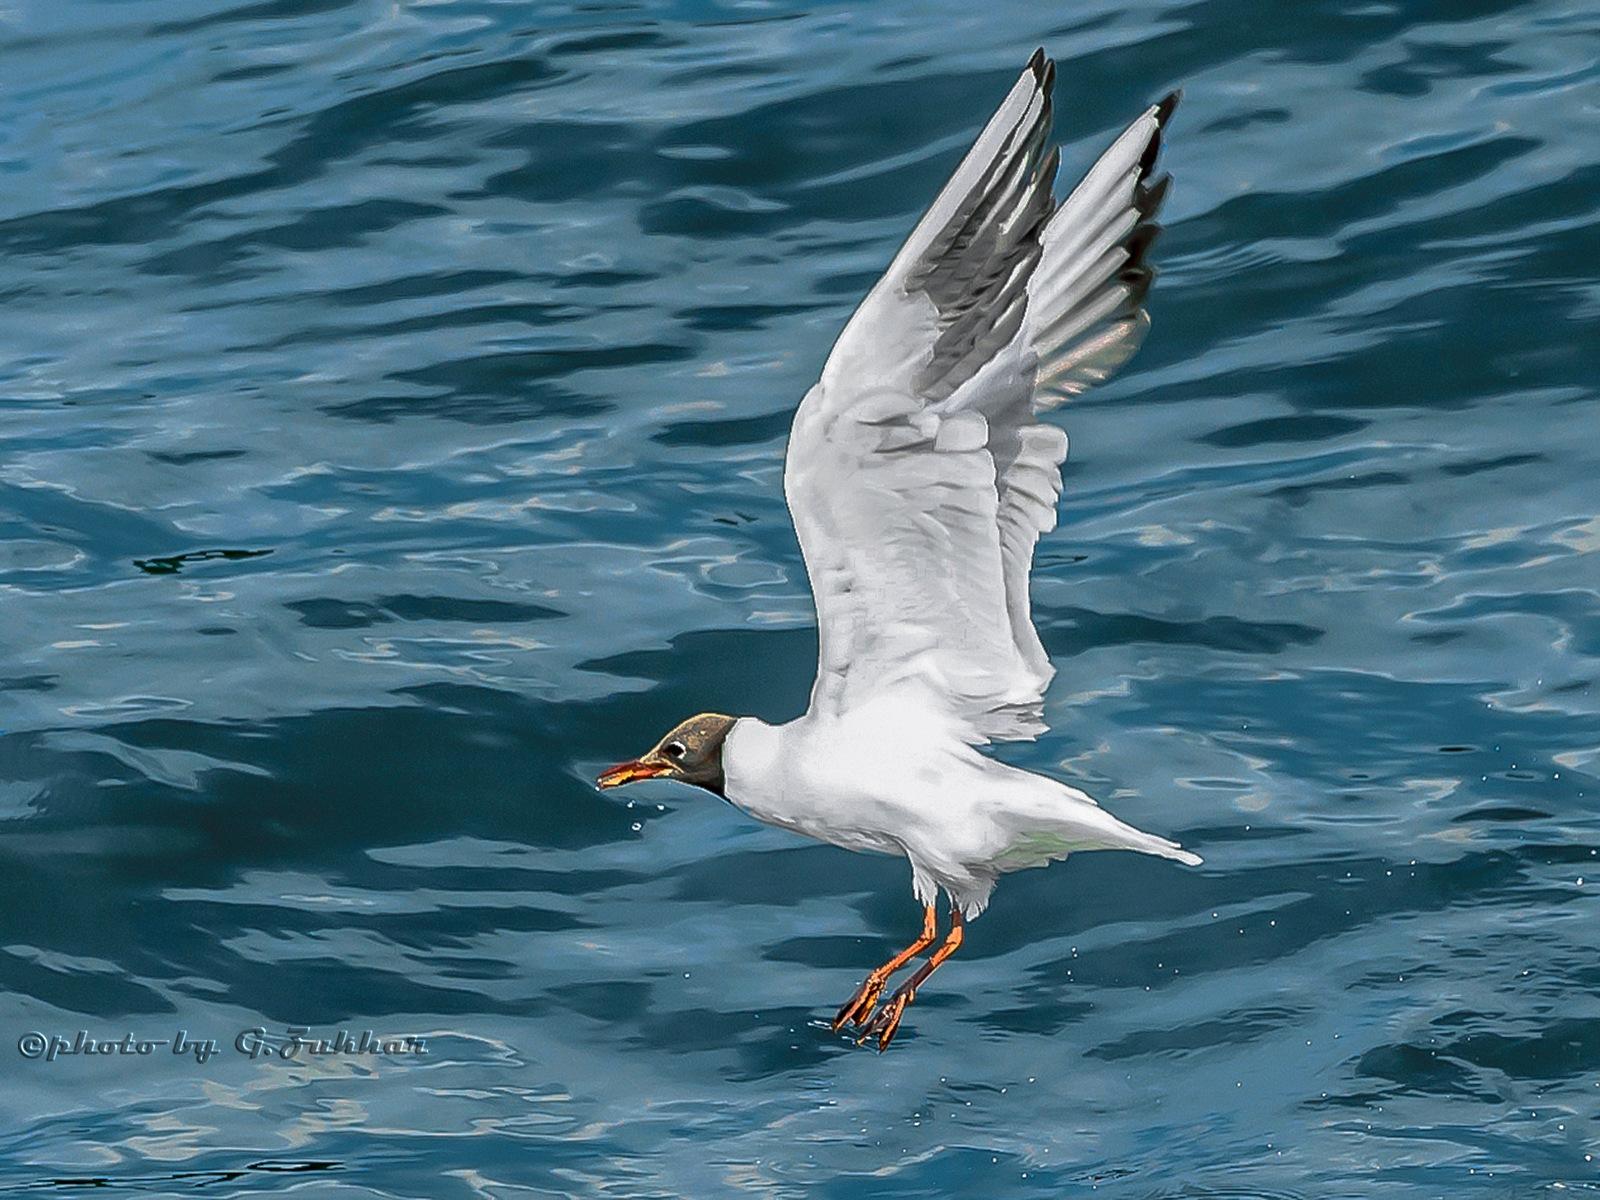 Gull II by Georgii Zukhar